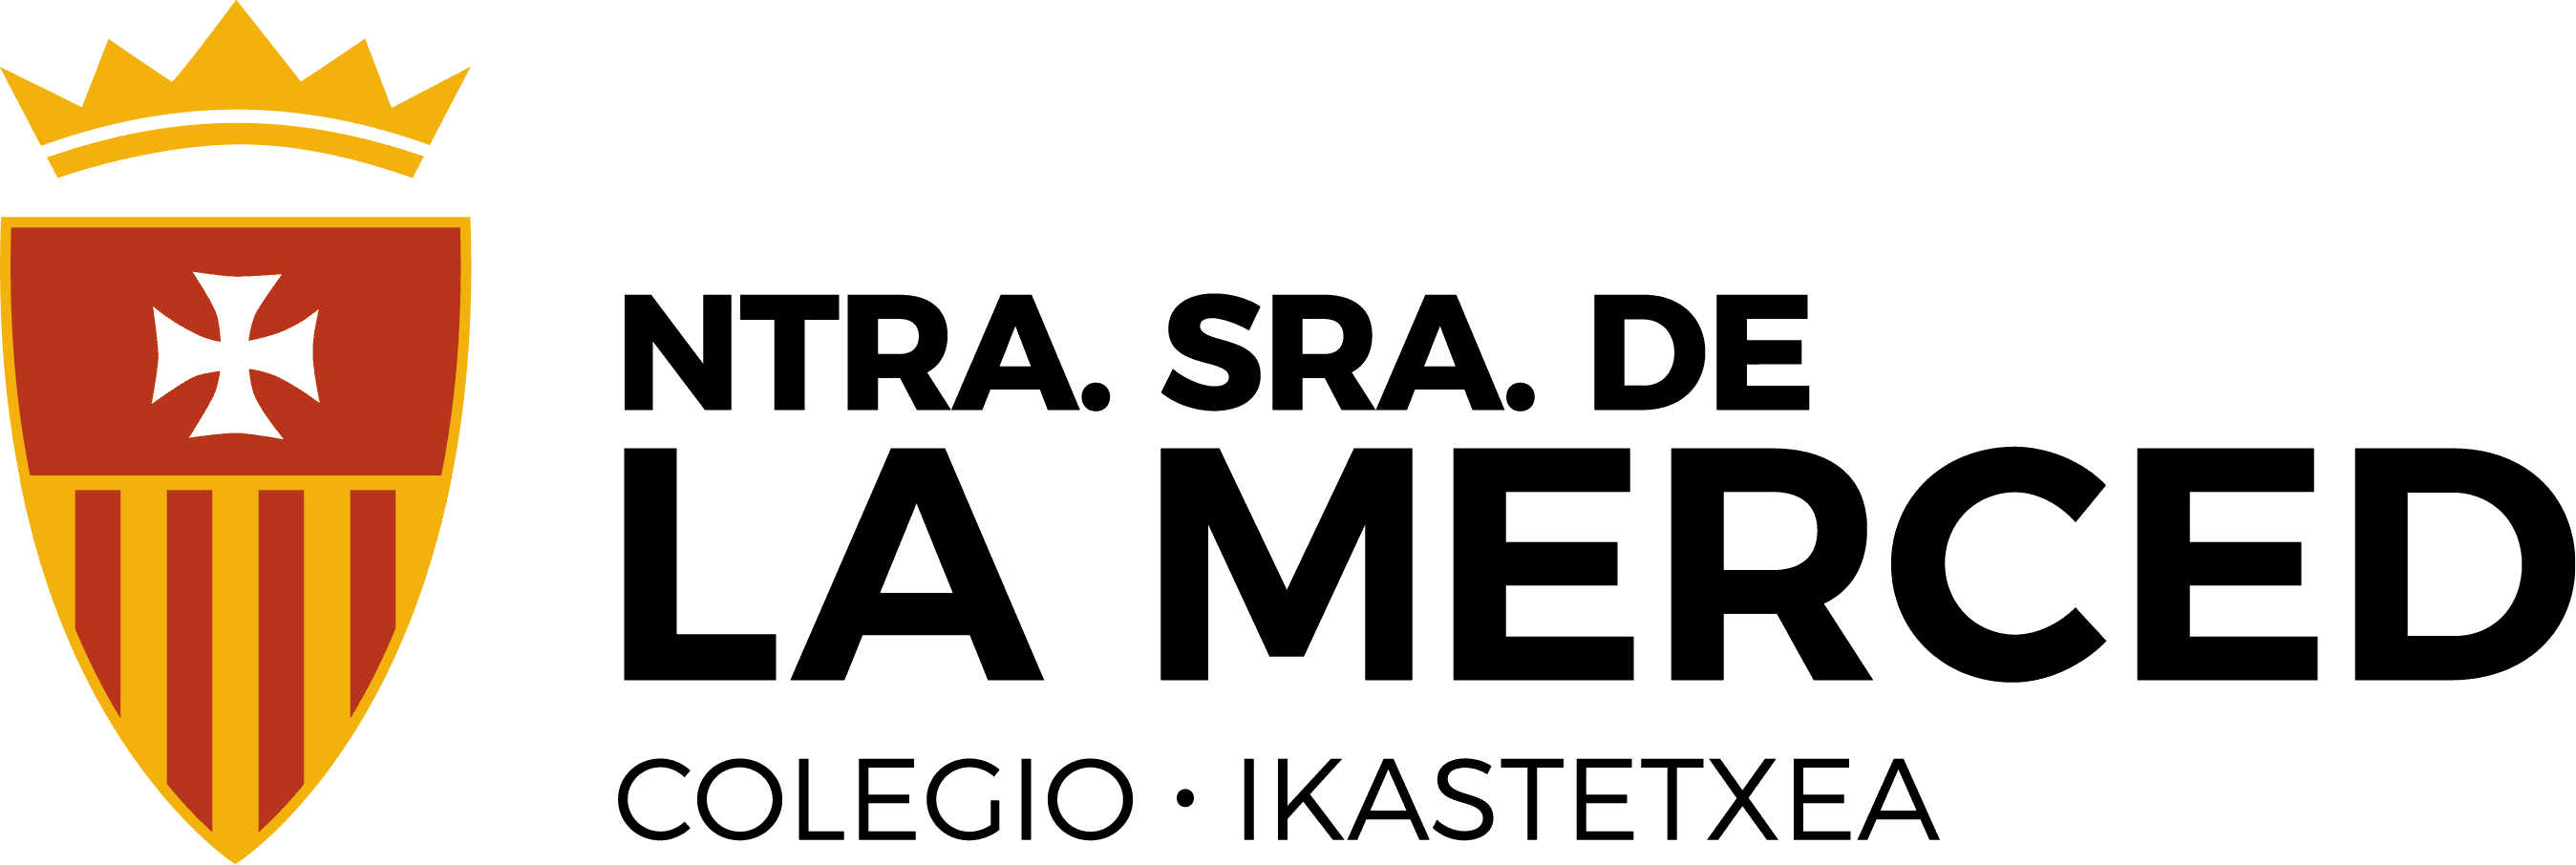 COLEGIO LA MERCED LOGO CANAL DIRECTO